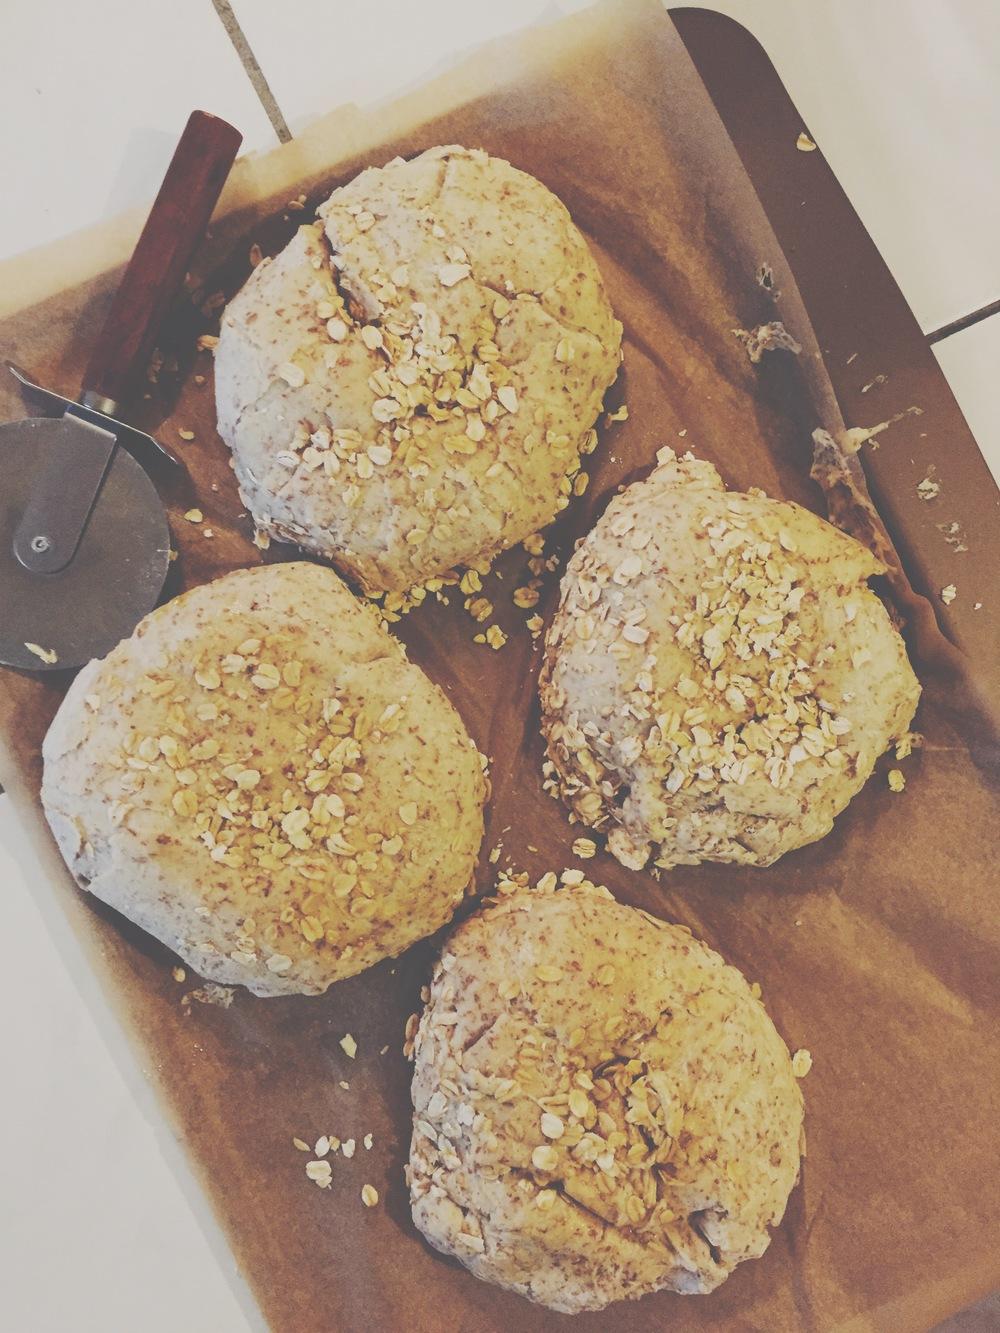 HoneyWheat + Oat Bread Dough